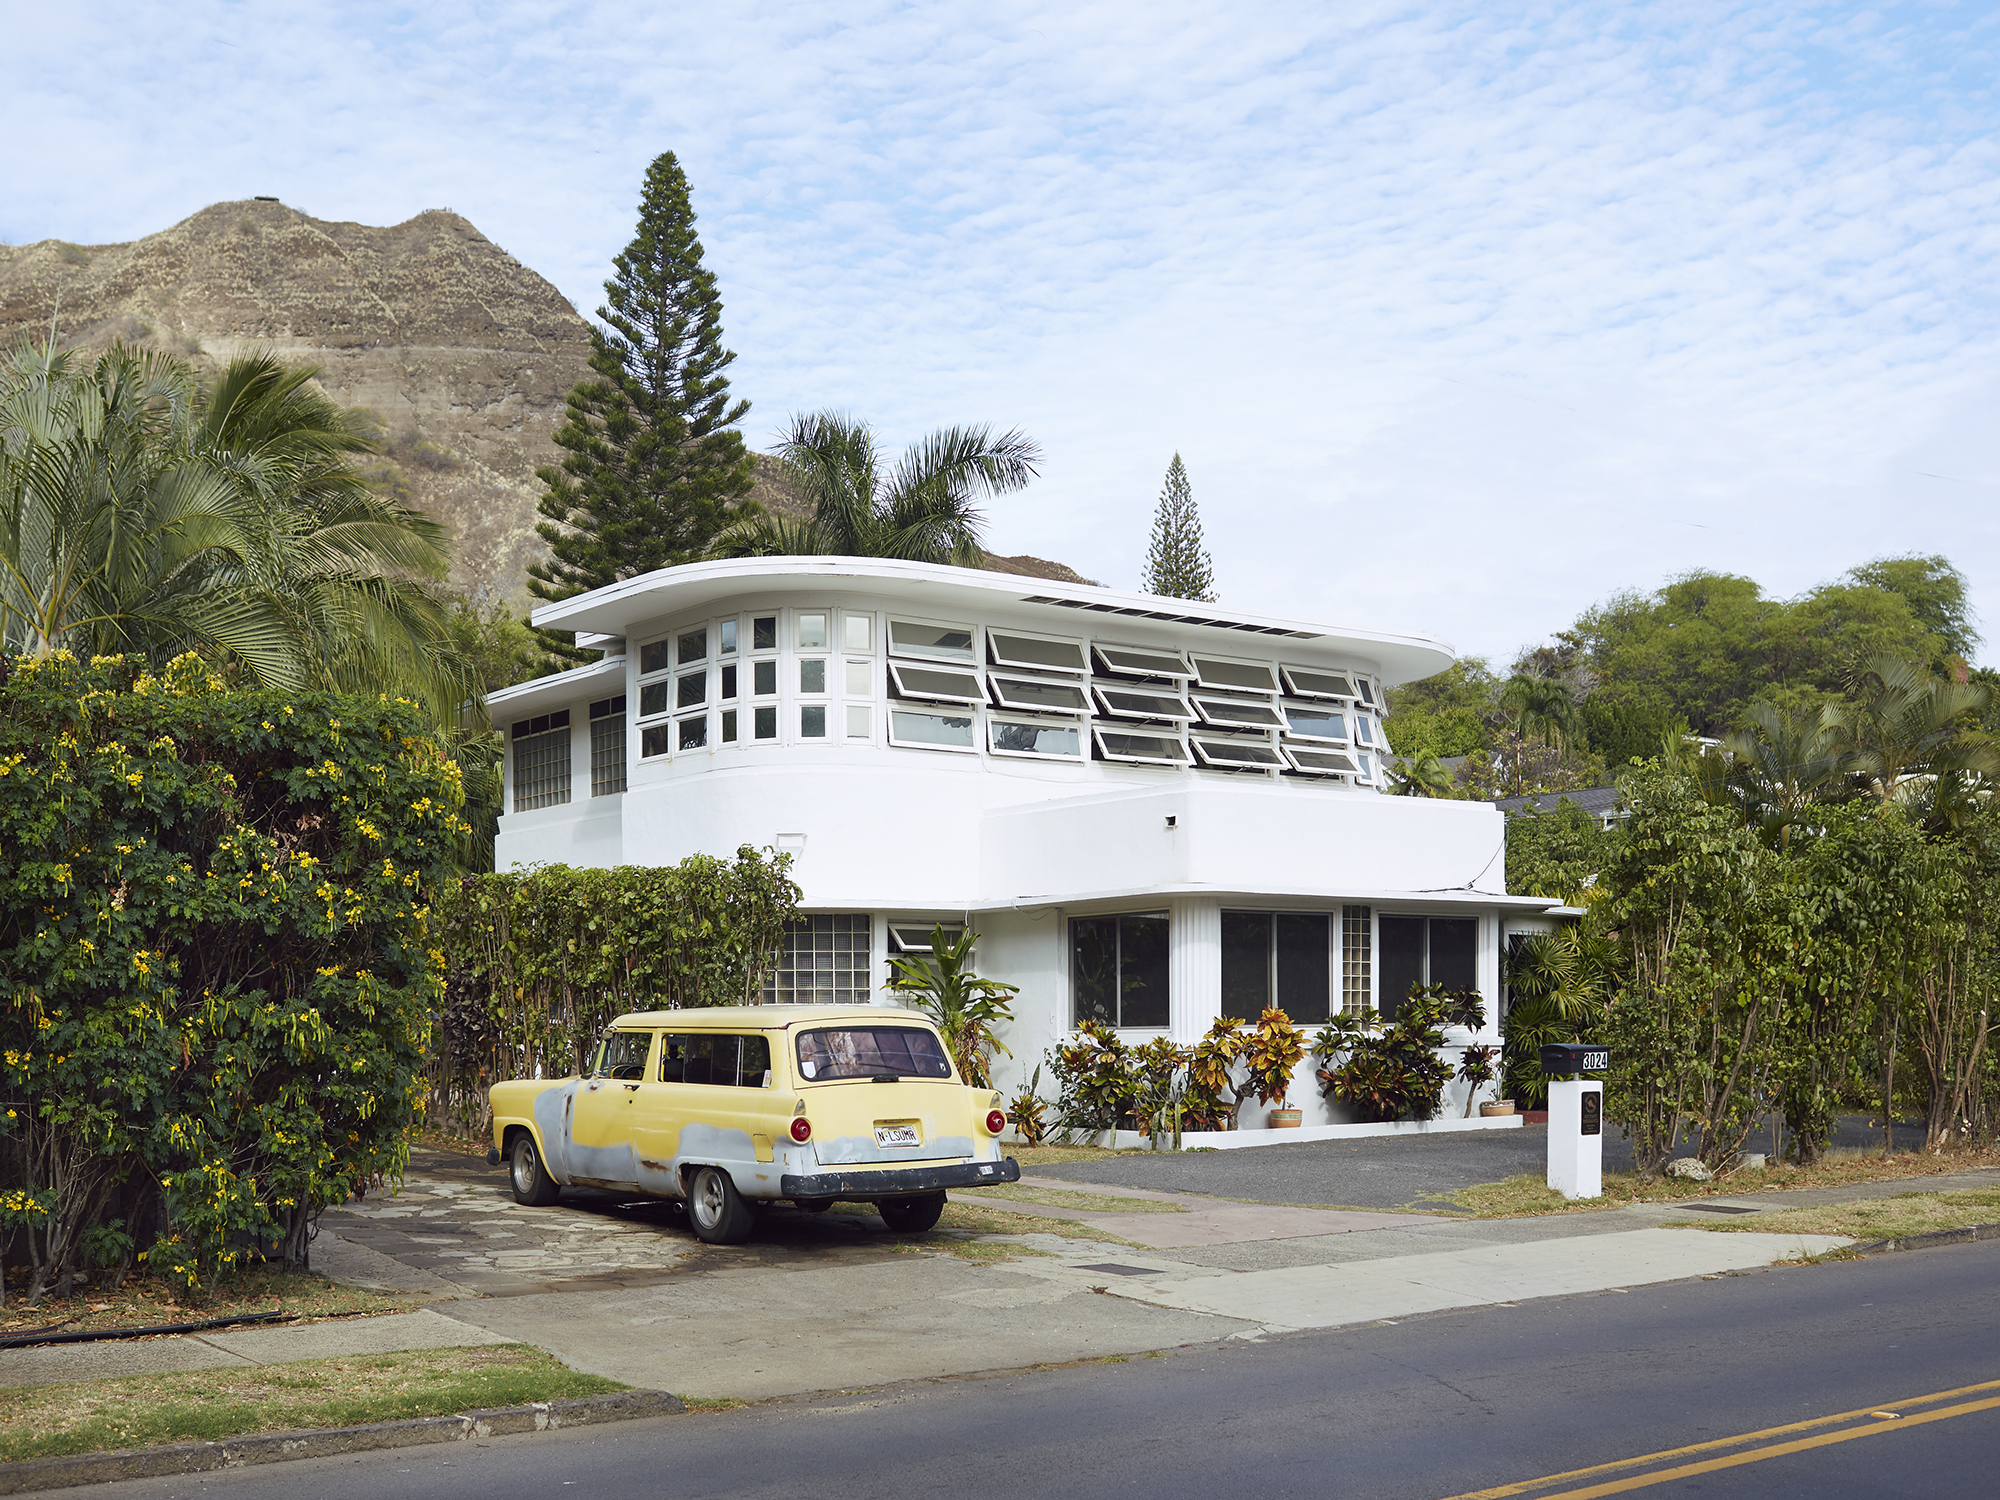 07 Hawaii - 2016.05.13 - 066 copy.jpg